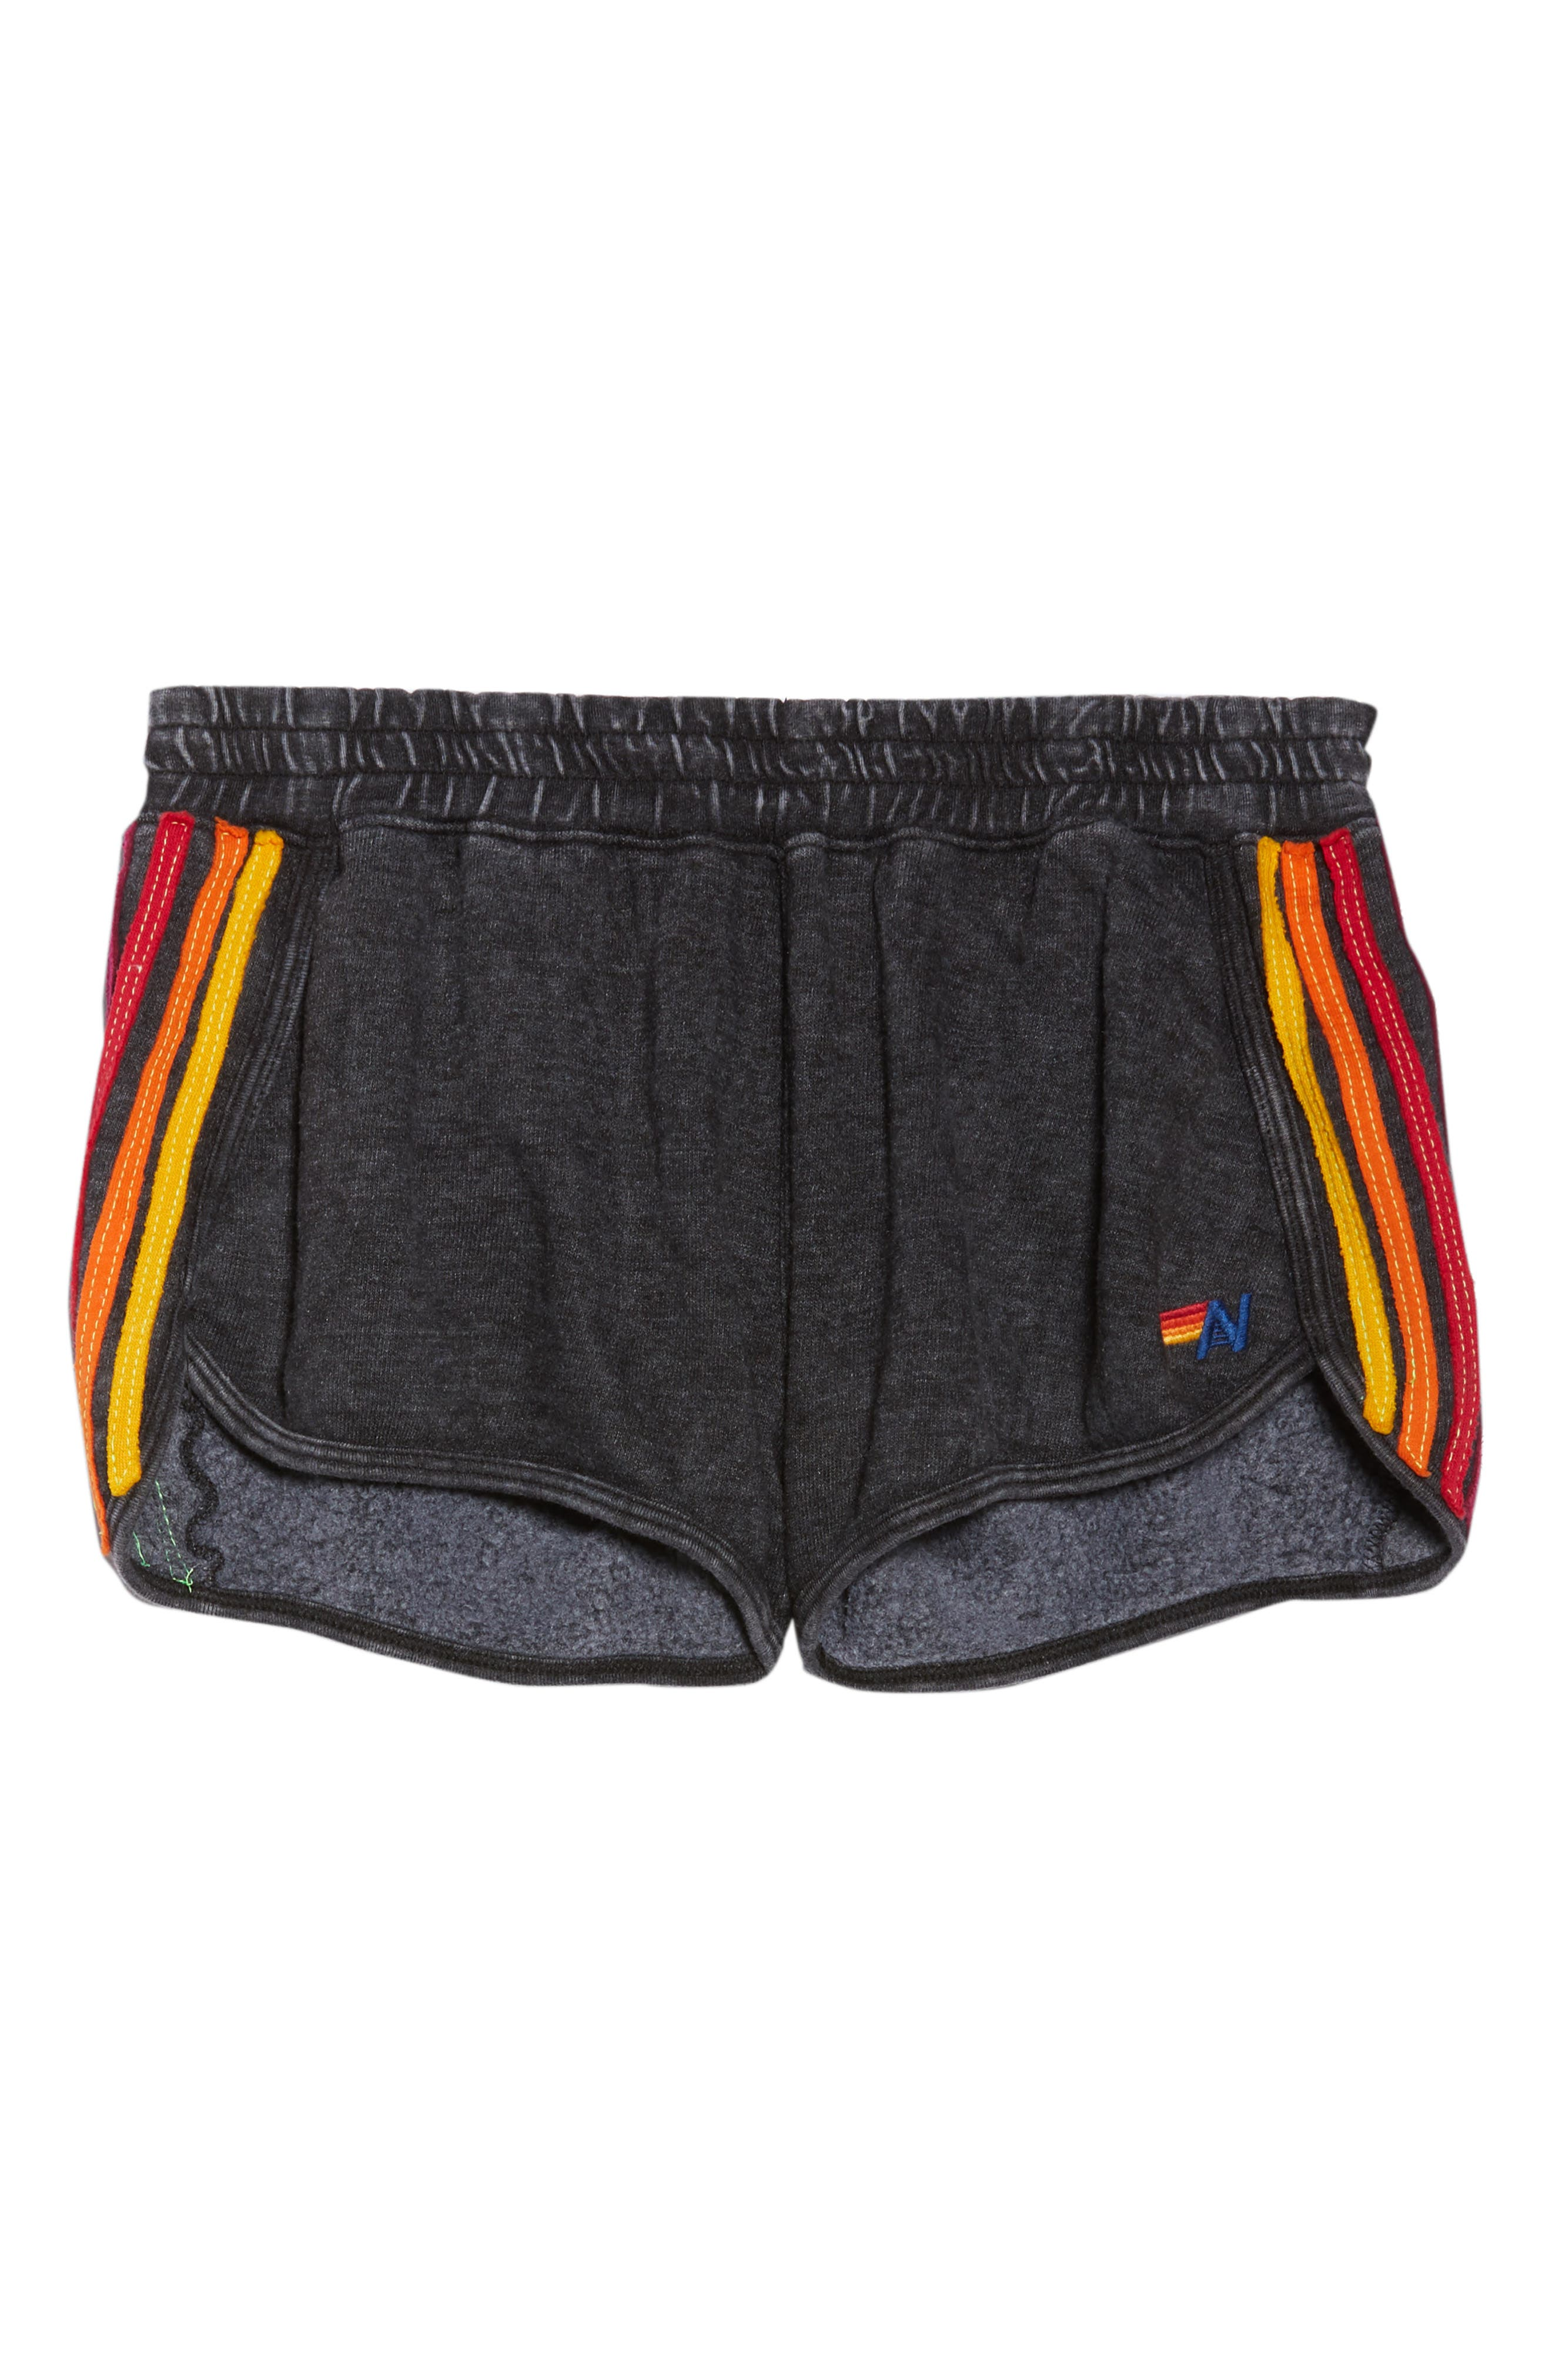 Five Stripe Shorts,                             Alternate thumbnail 7, color,                             060